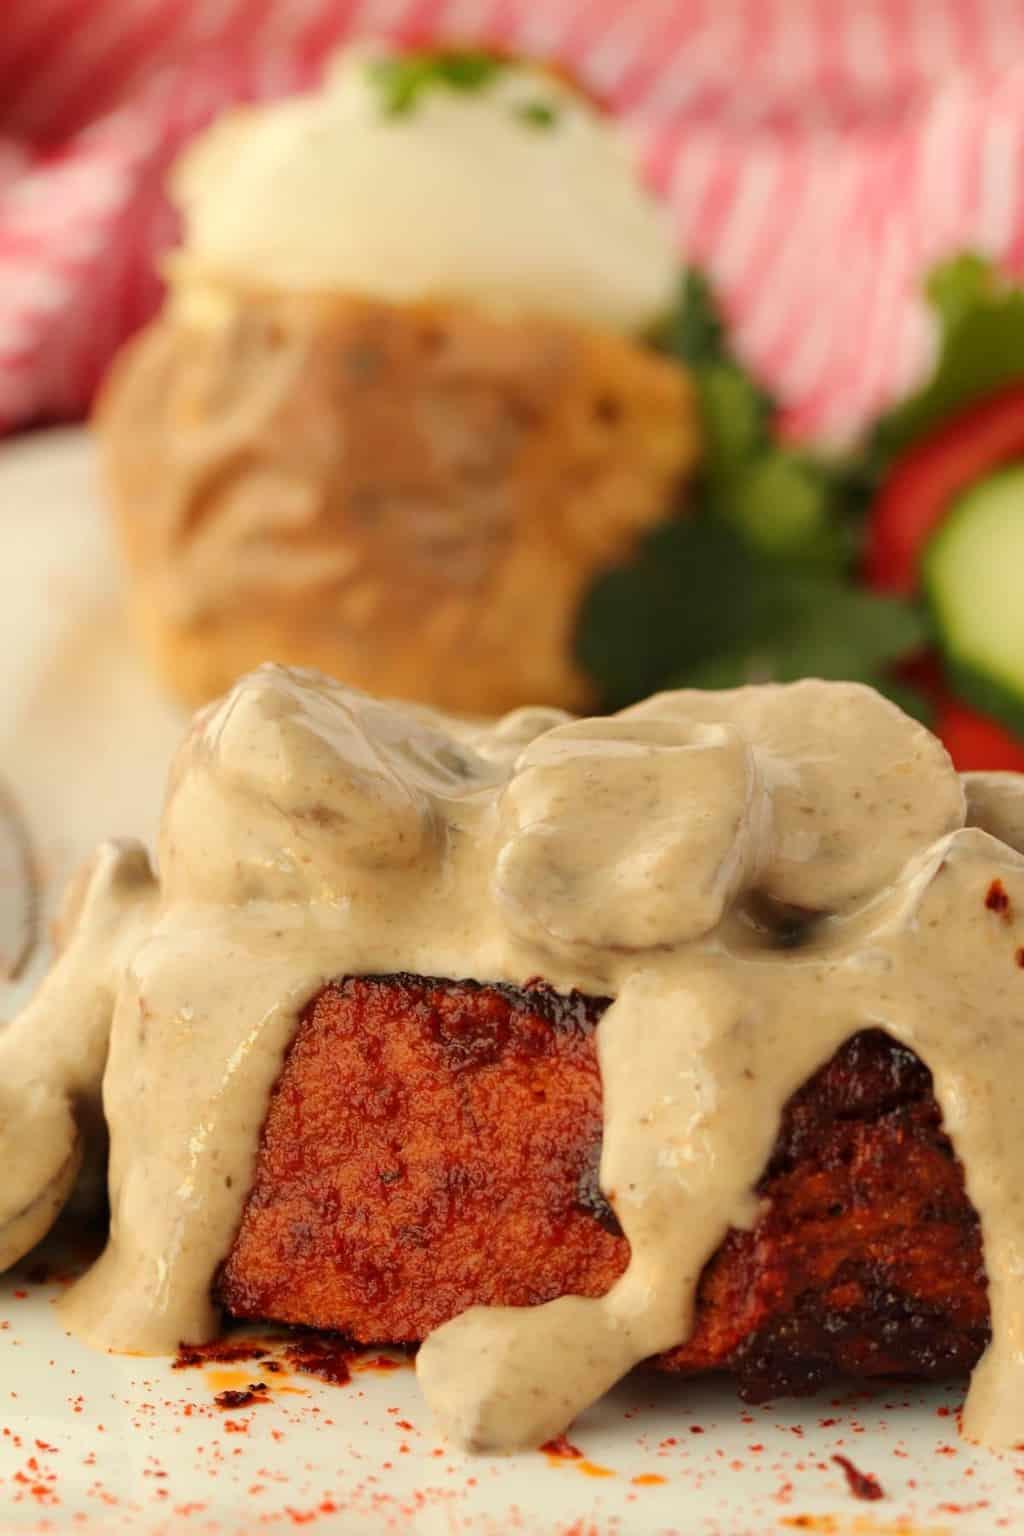 Vegan Steak covered in mushroom sauce on a white plate.